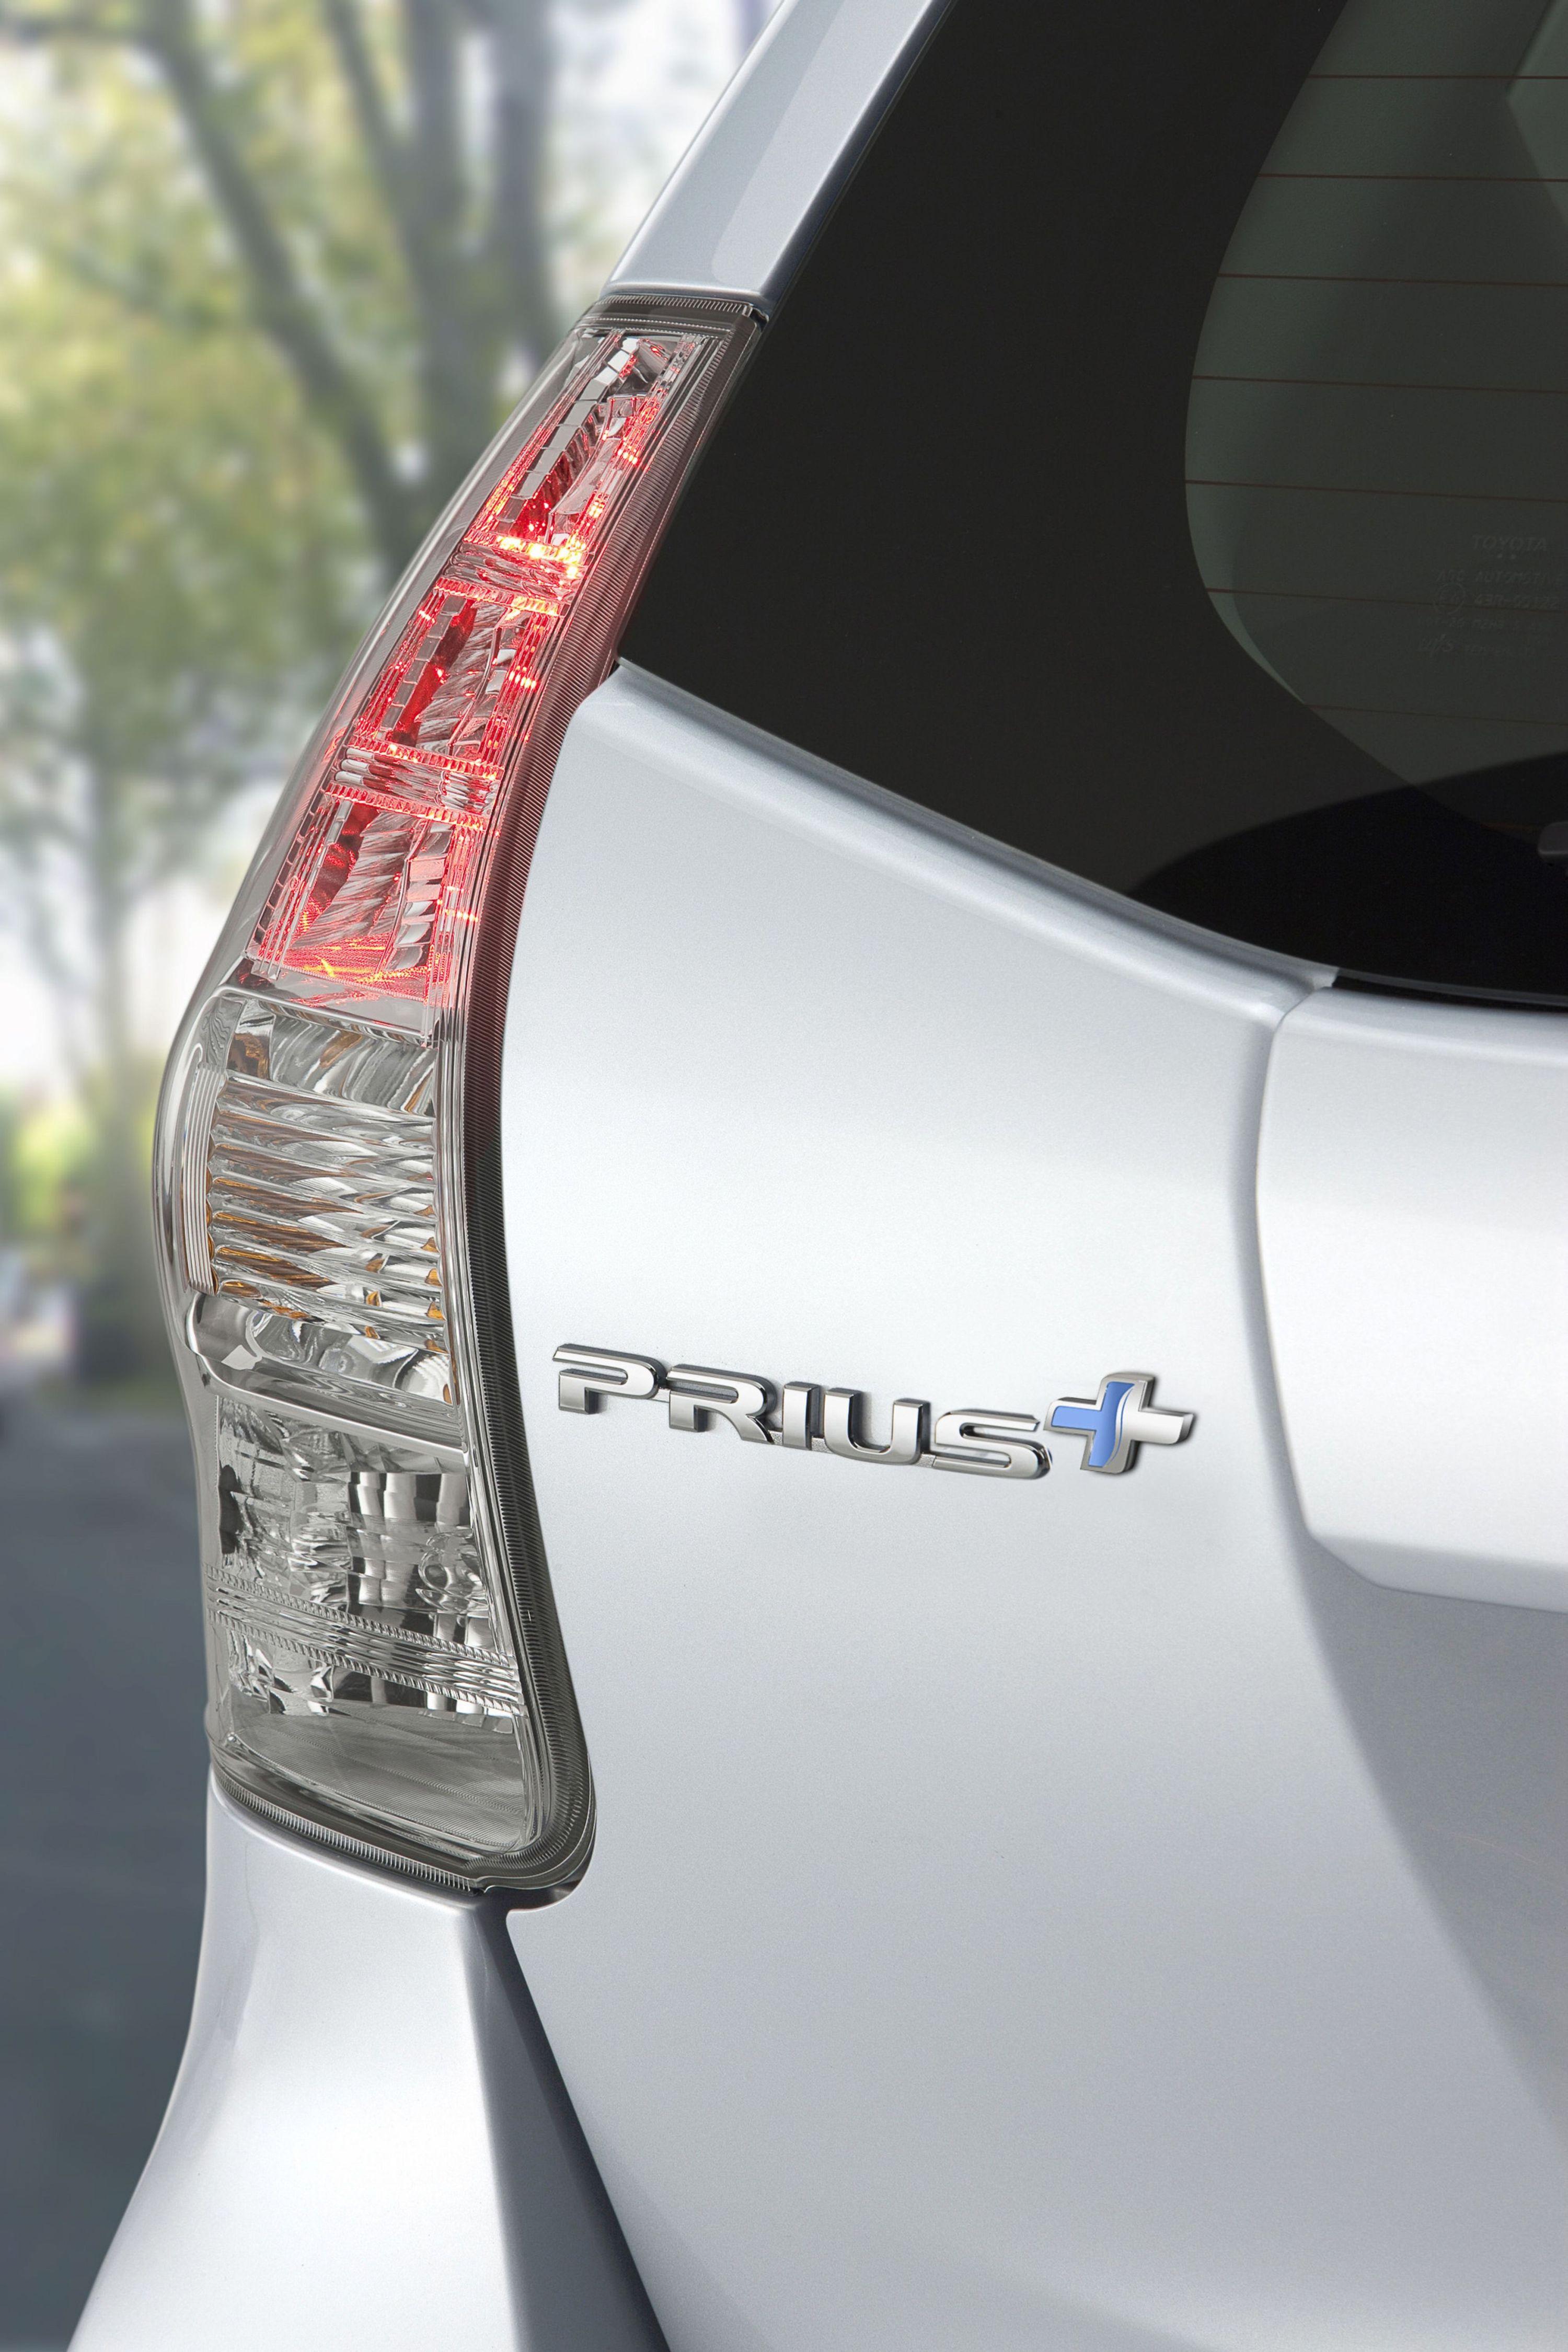 Ginevra 2011: Toyota presenta la nuova Prius+ e il prototipo della Yaris HSD